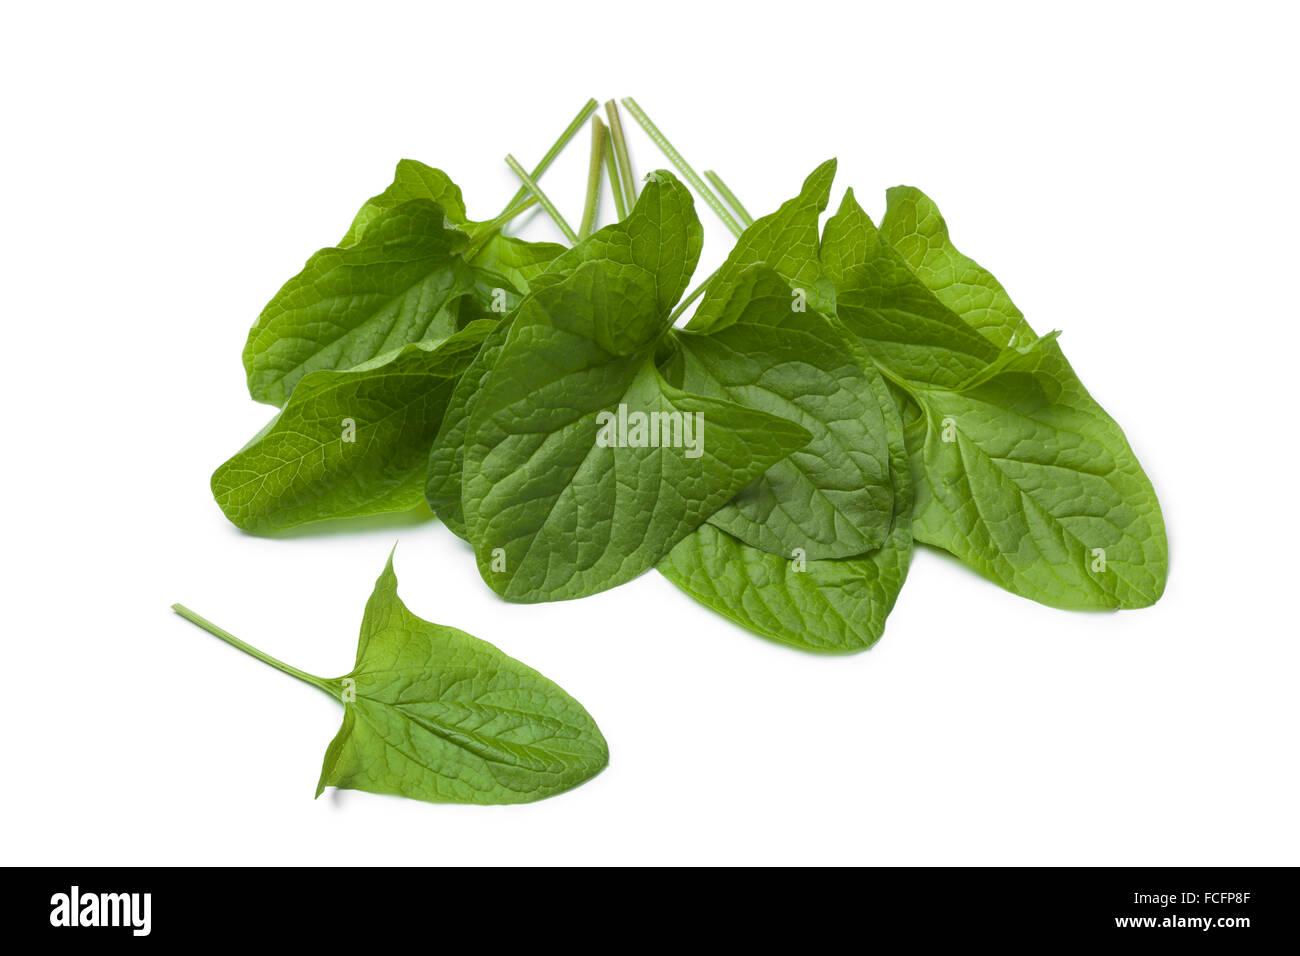 Fresh green Good-King-Henry vegetable leaves on white background - Stock Image